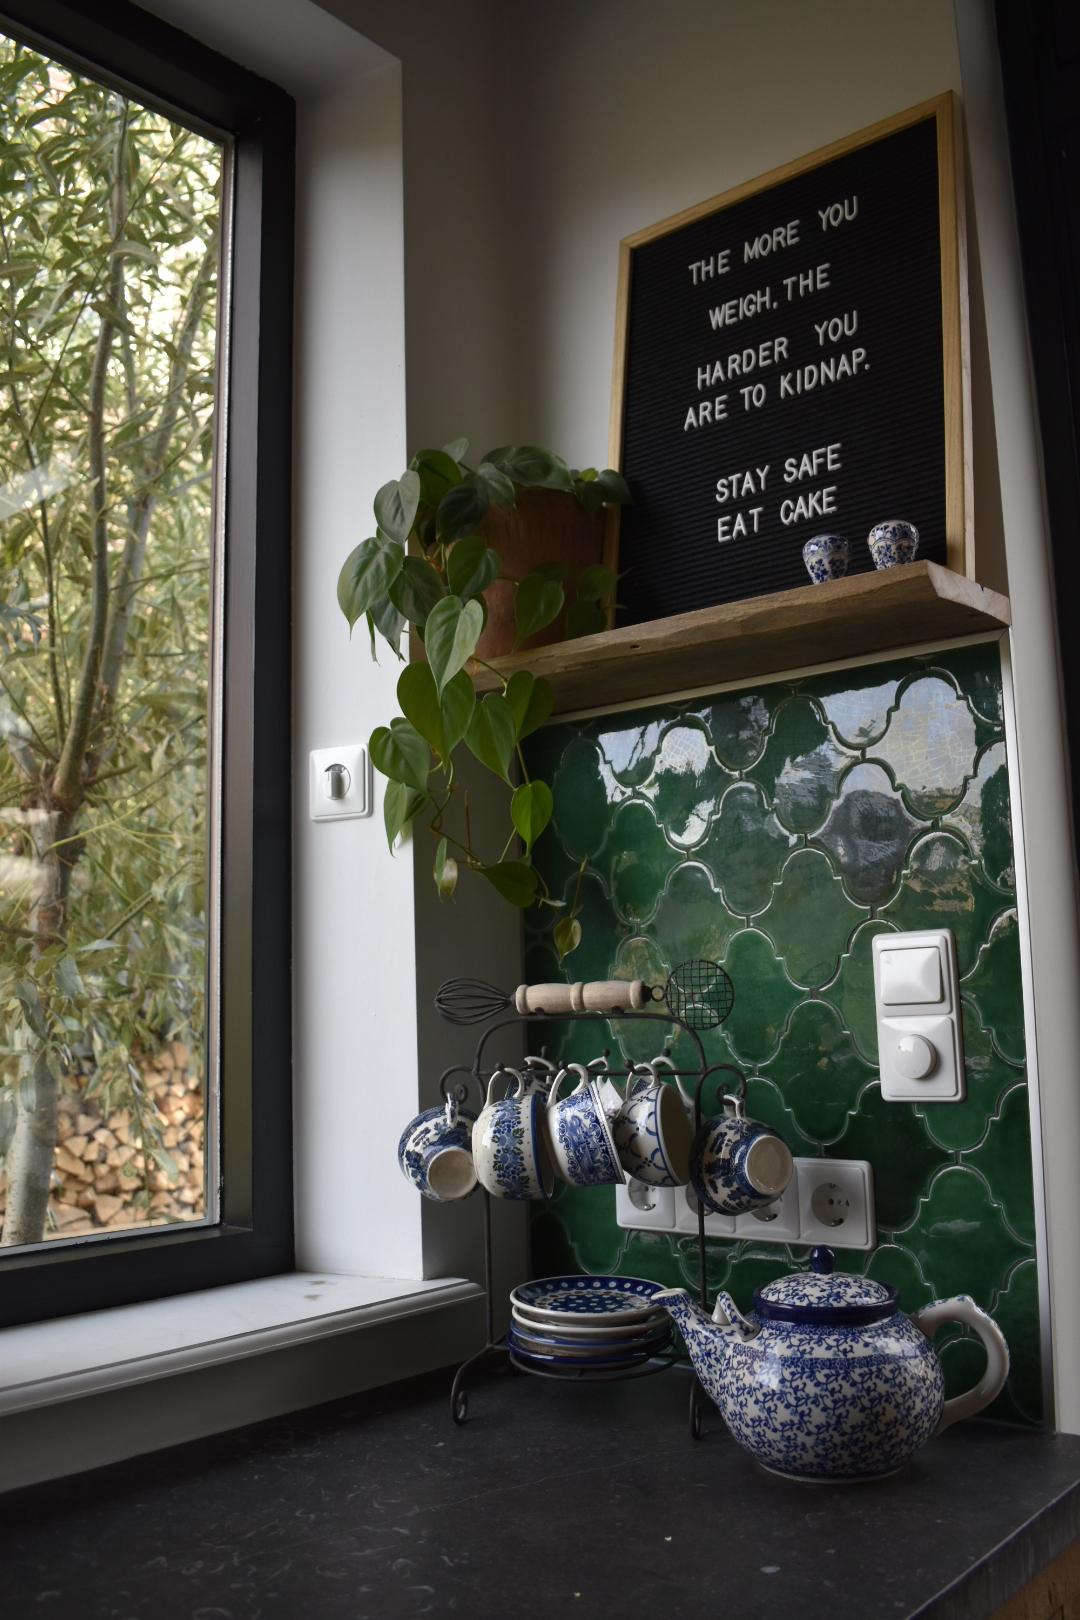 Designtegels op de wand in dekeiken. Spaanse tegels Laterna Verde Cobre #designtegels #keuken #tegels #keukentegels #wandtegels #spaansetegels #keukeninspiratie